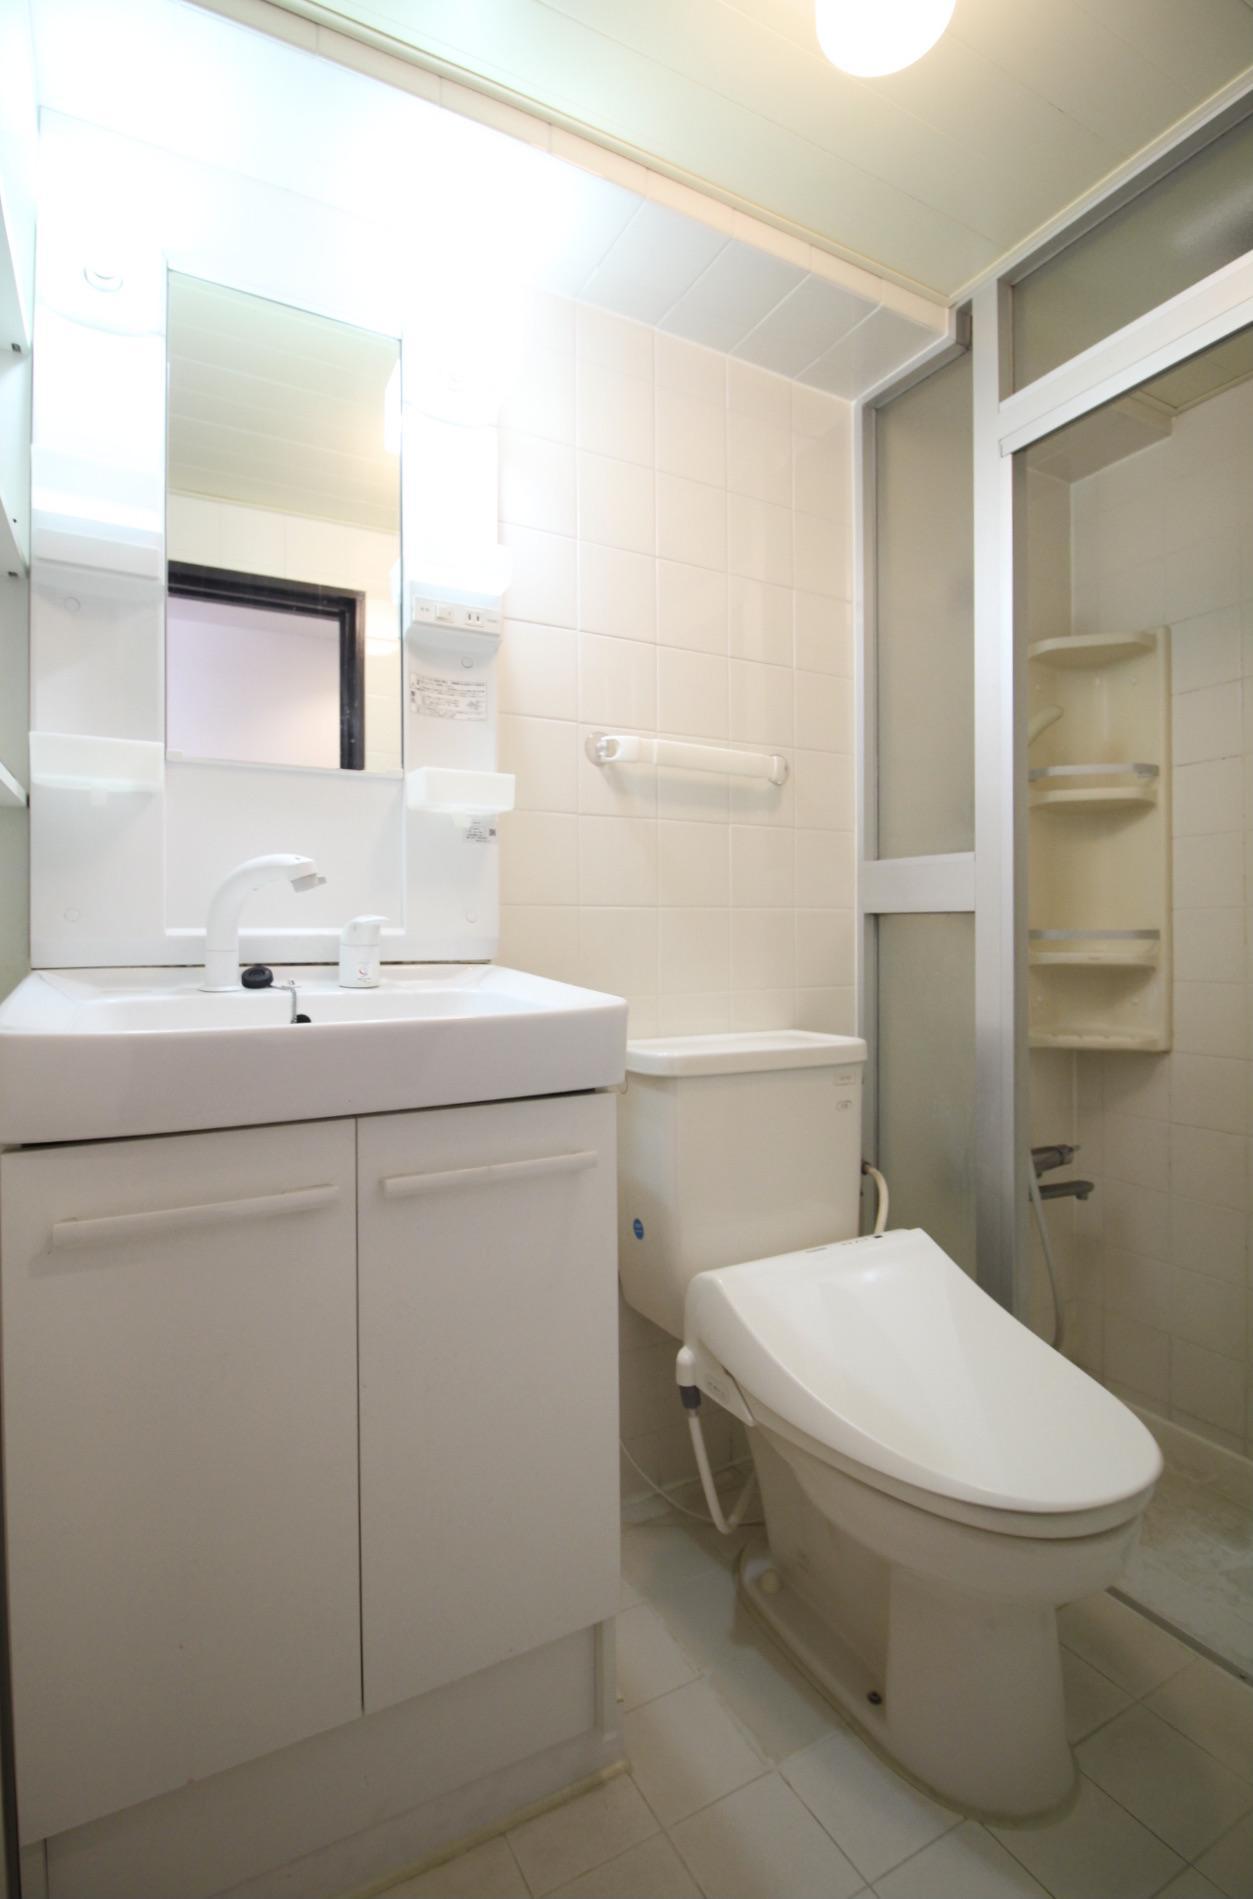 洗面台・トイレ・シャワールーム